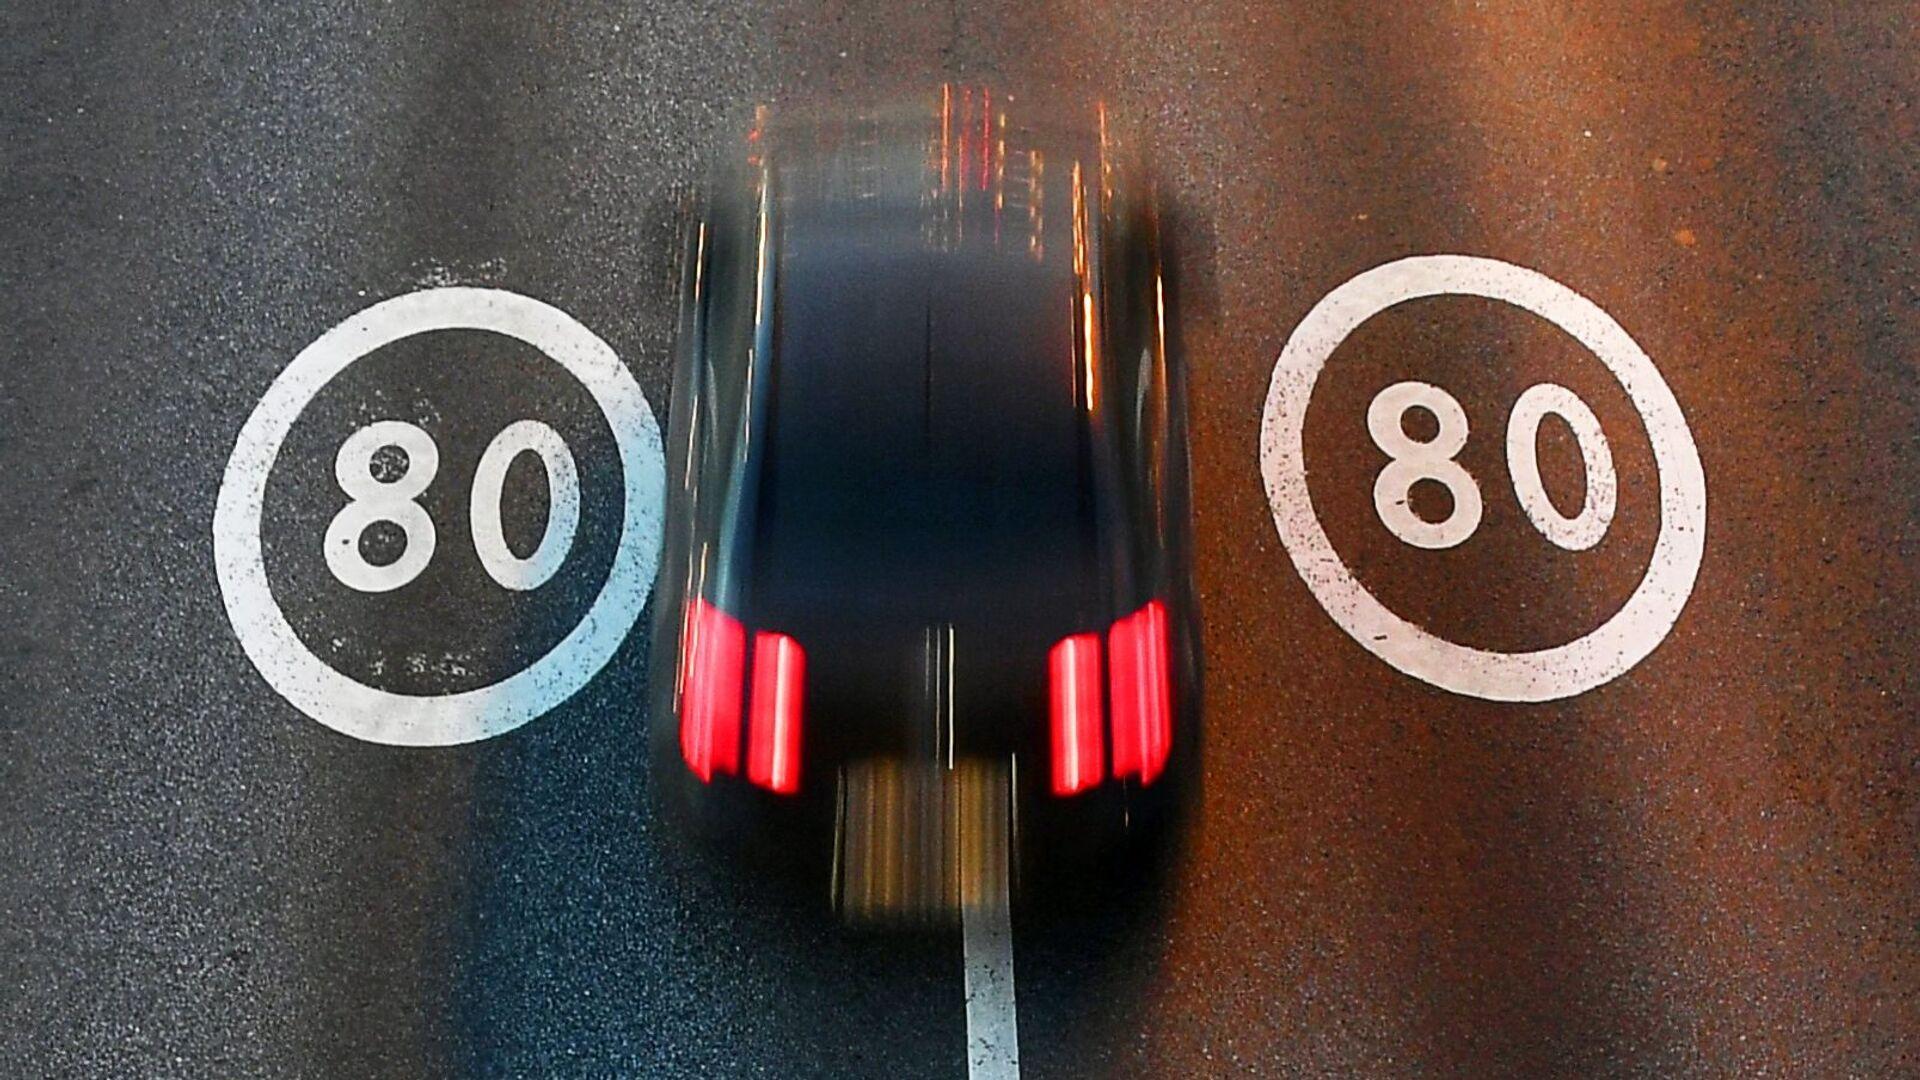 Разметка со знаками ограничения максимальной скорости - РИА Новости, 1920, 04.05.2021